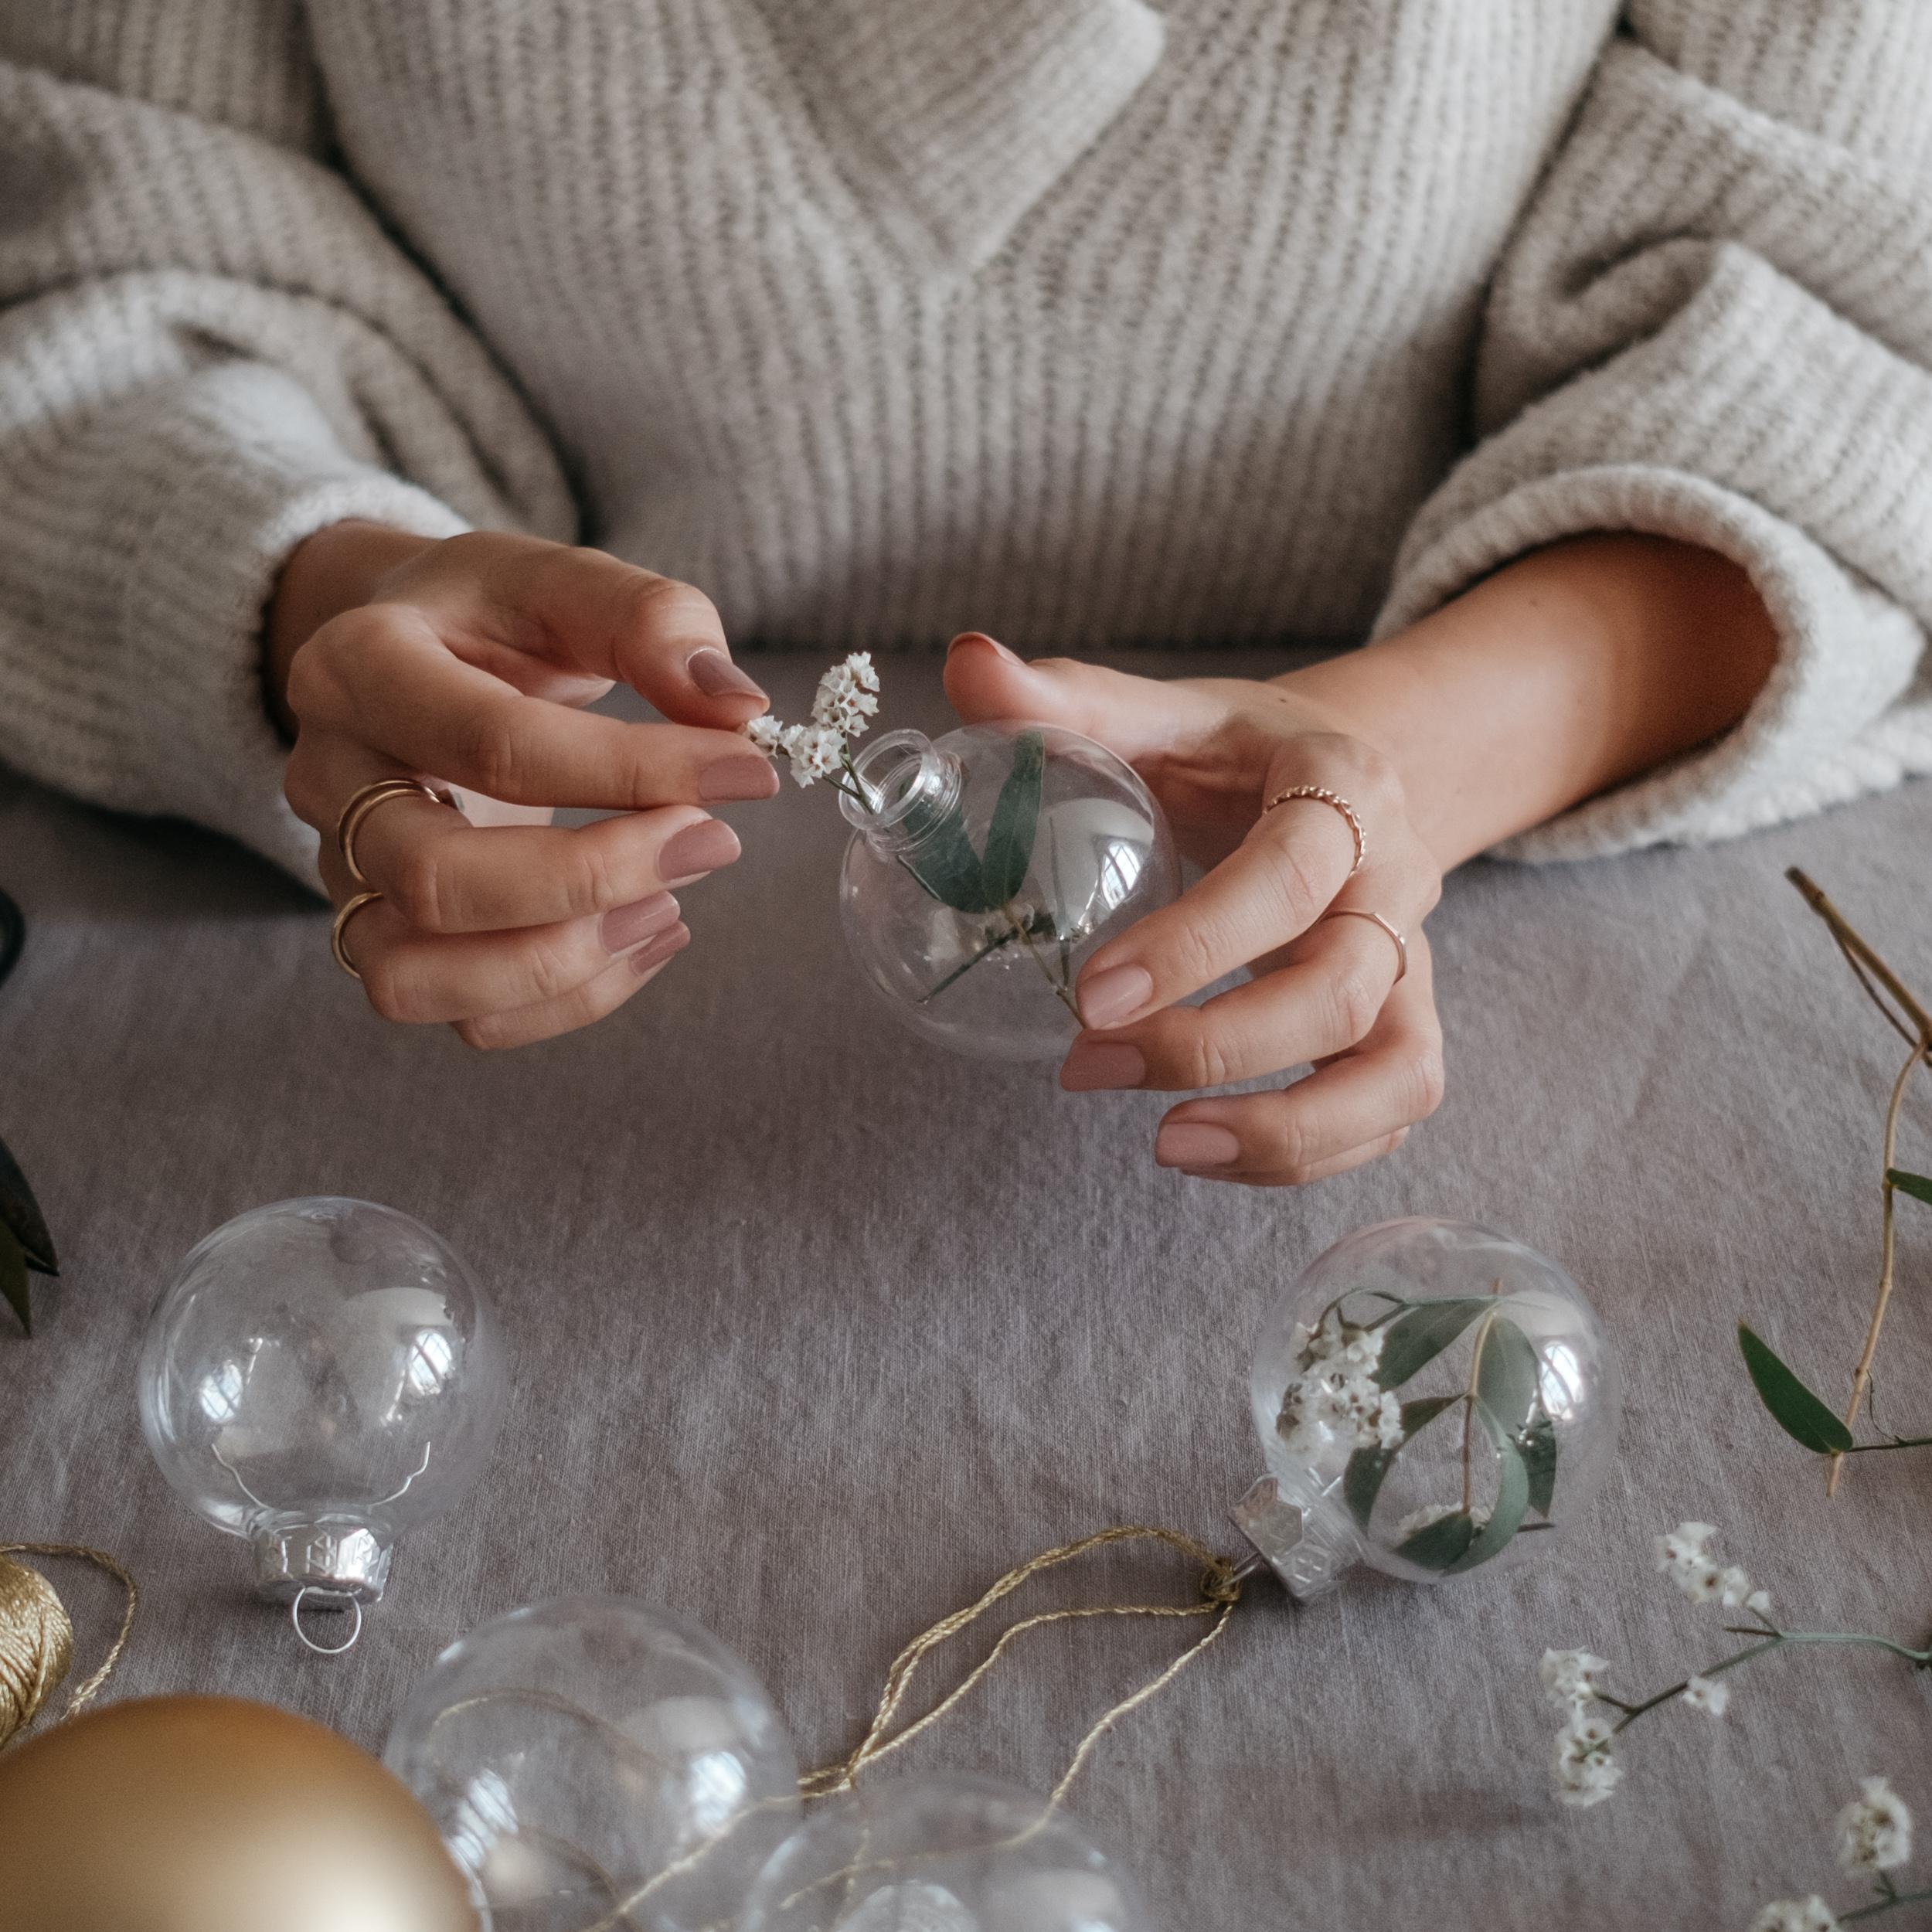 Act beautiful diy weihnachtskugeln in 3 schritten - Weihnachtskugeln selbst gestalten ...